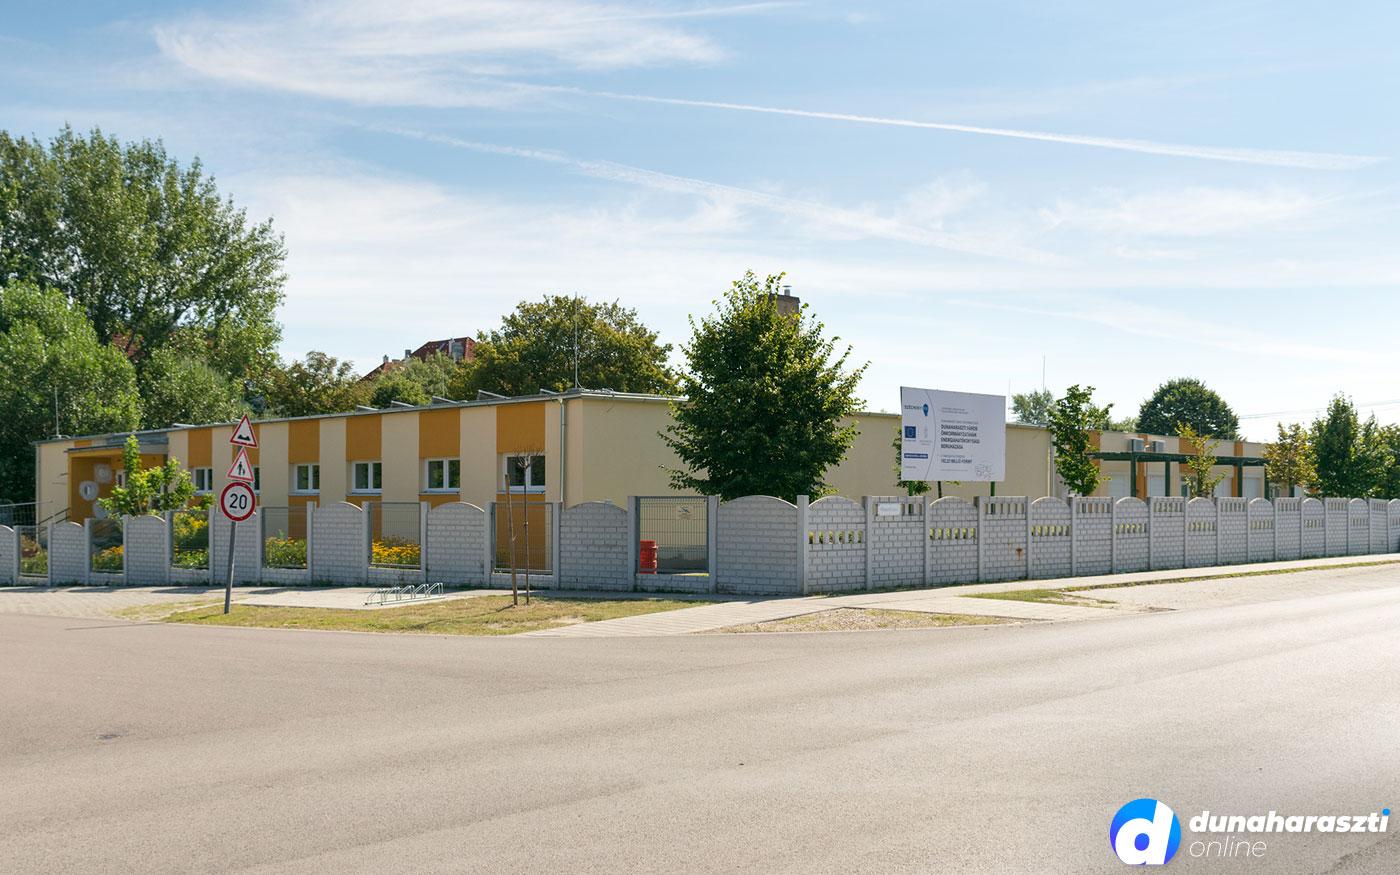 Befejezték dunaharaszti intézményeinek energiahatékonysági fejlesztését